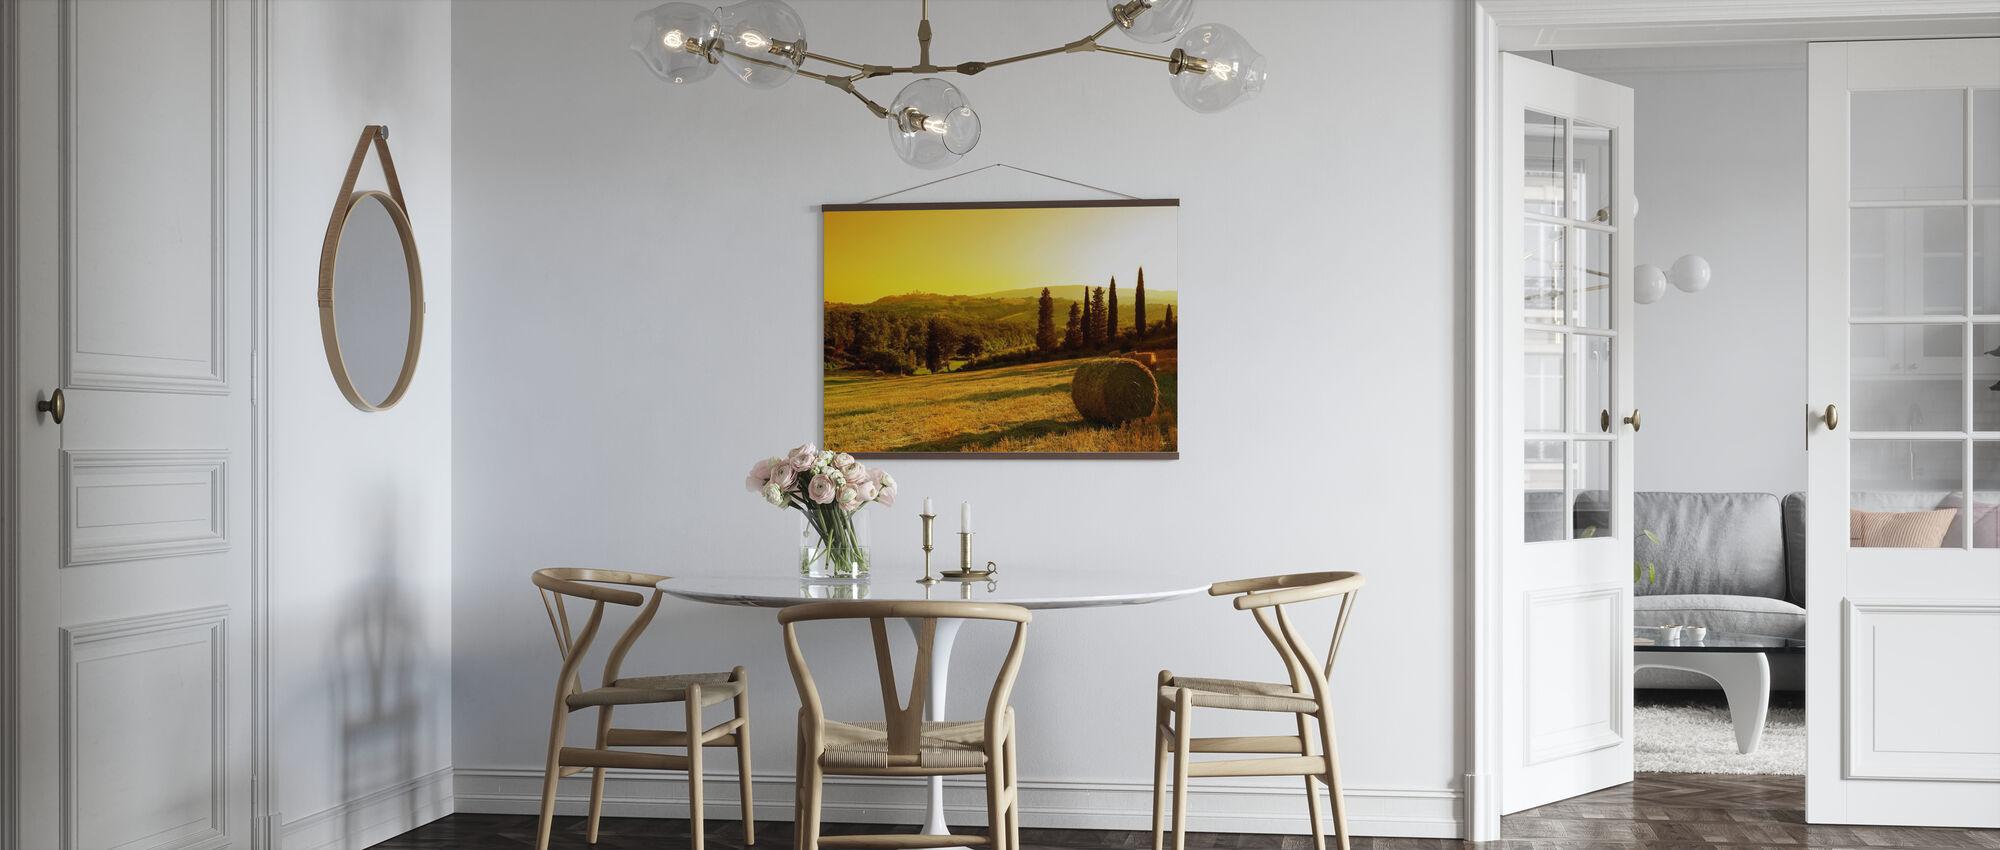 Coucher de soleil paysage toscan - Affiche - Cuisine